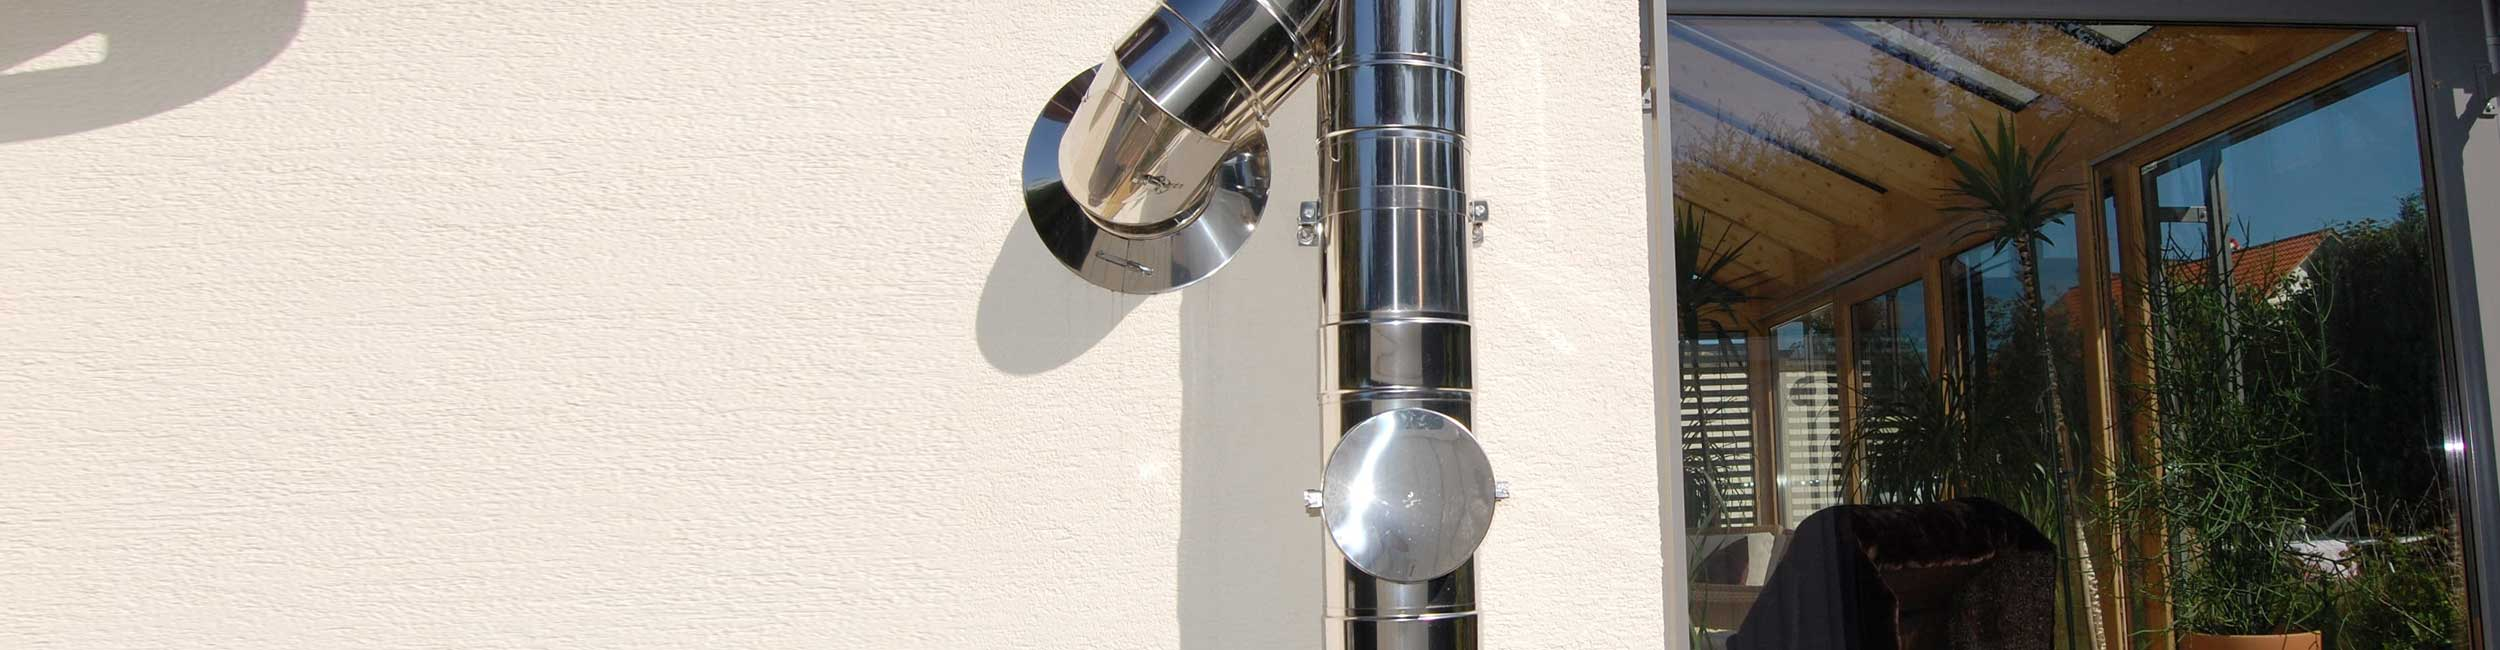 Edelstahl Schornsteinverl/ängerung /Ø 130mm, 300mm Doppelwandiges Schornsteinrohr in allen L/ängen und Durchmessern